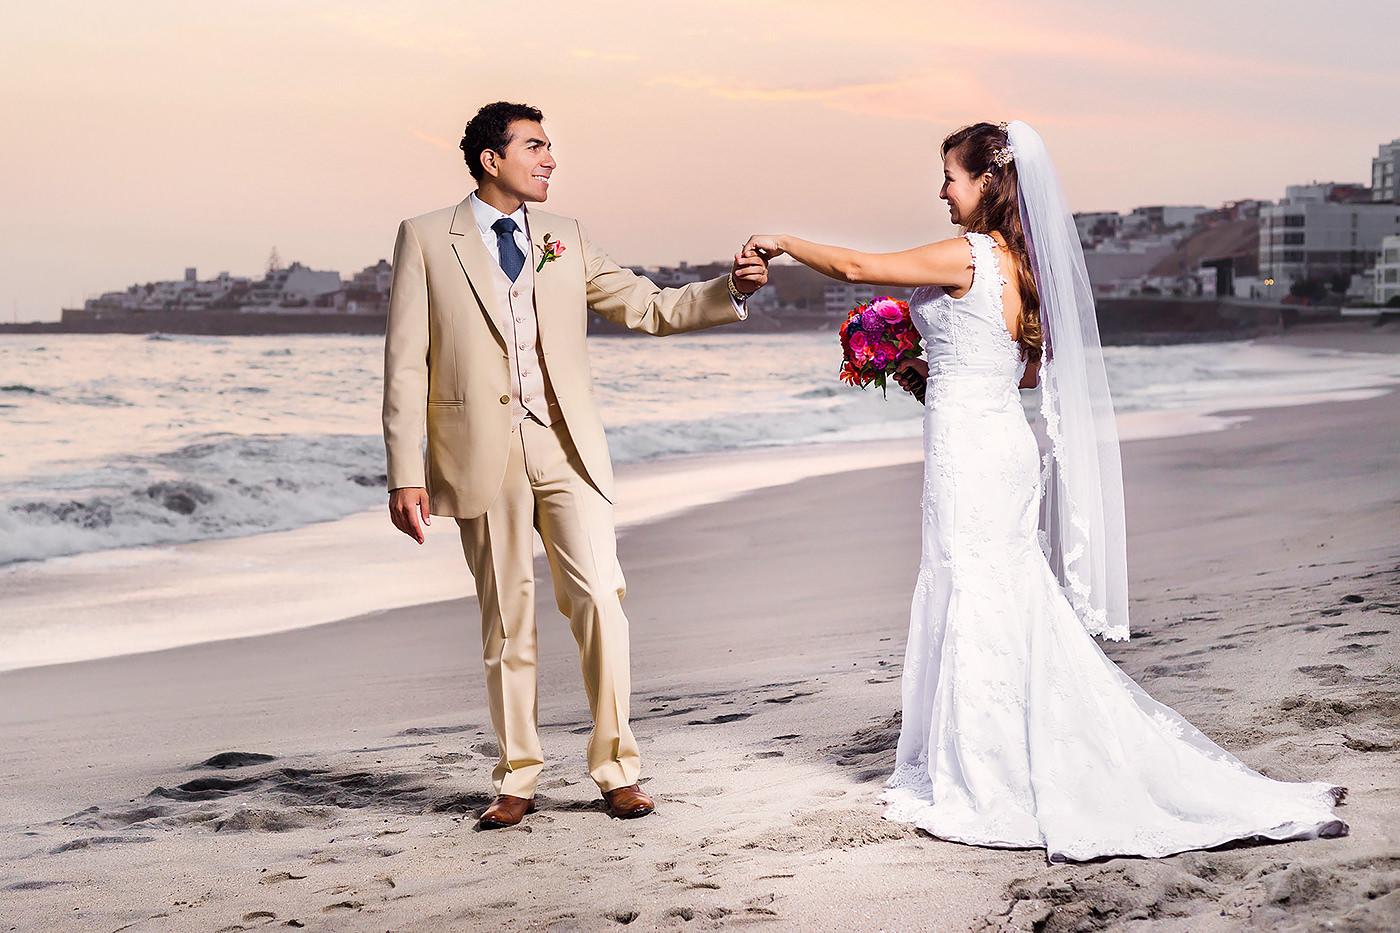 Boda en Playa de Lima Luis Jara Fotógrafo de Bodas